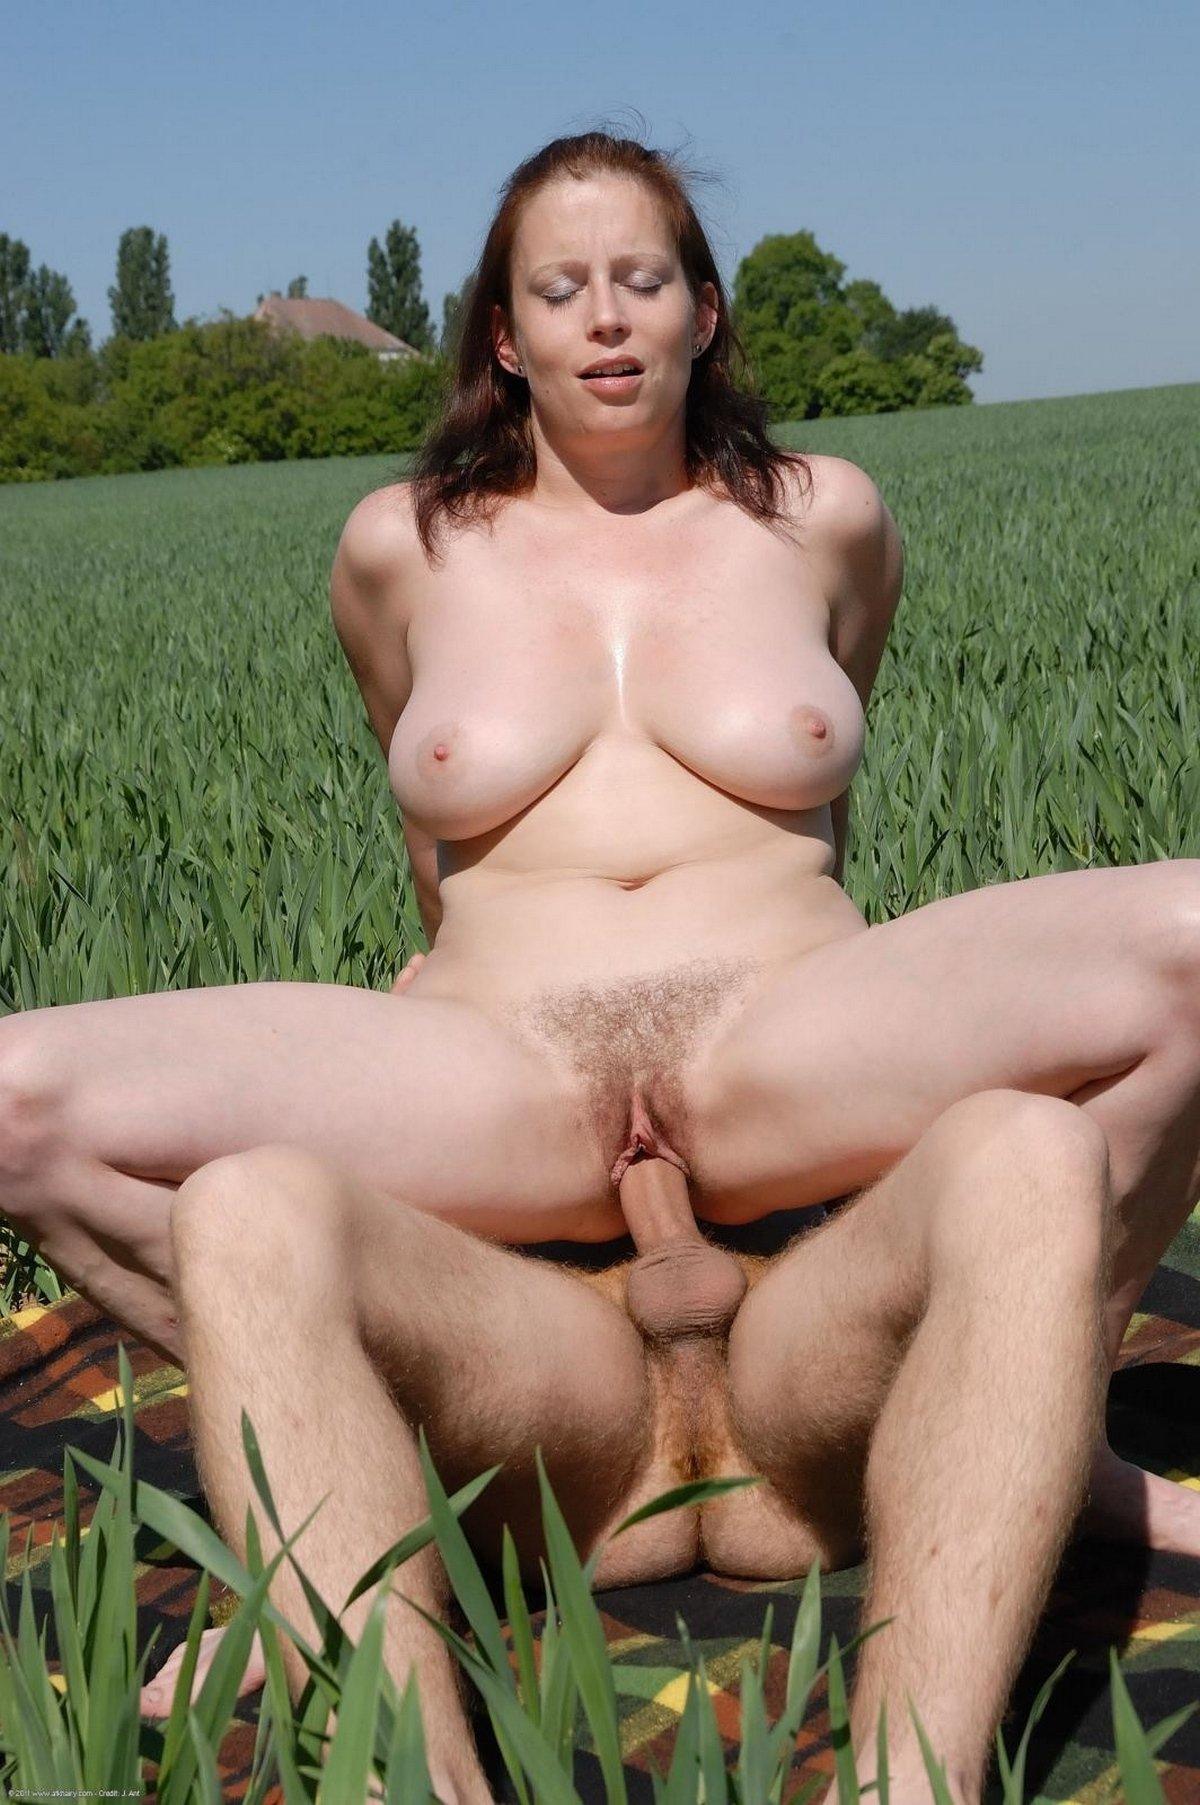 Секс с грудастой женщиной в поле